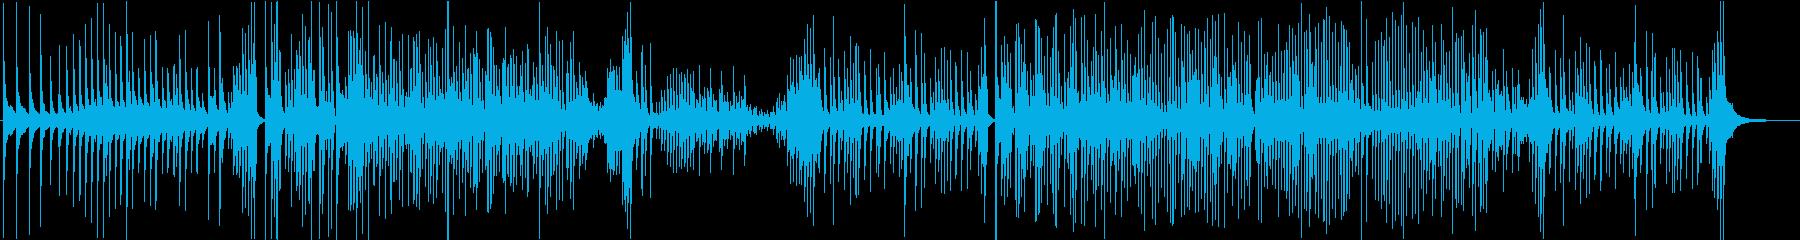 津軽三味線ソロ-C、激しい、疾走、声なしの再生済みの波形